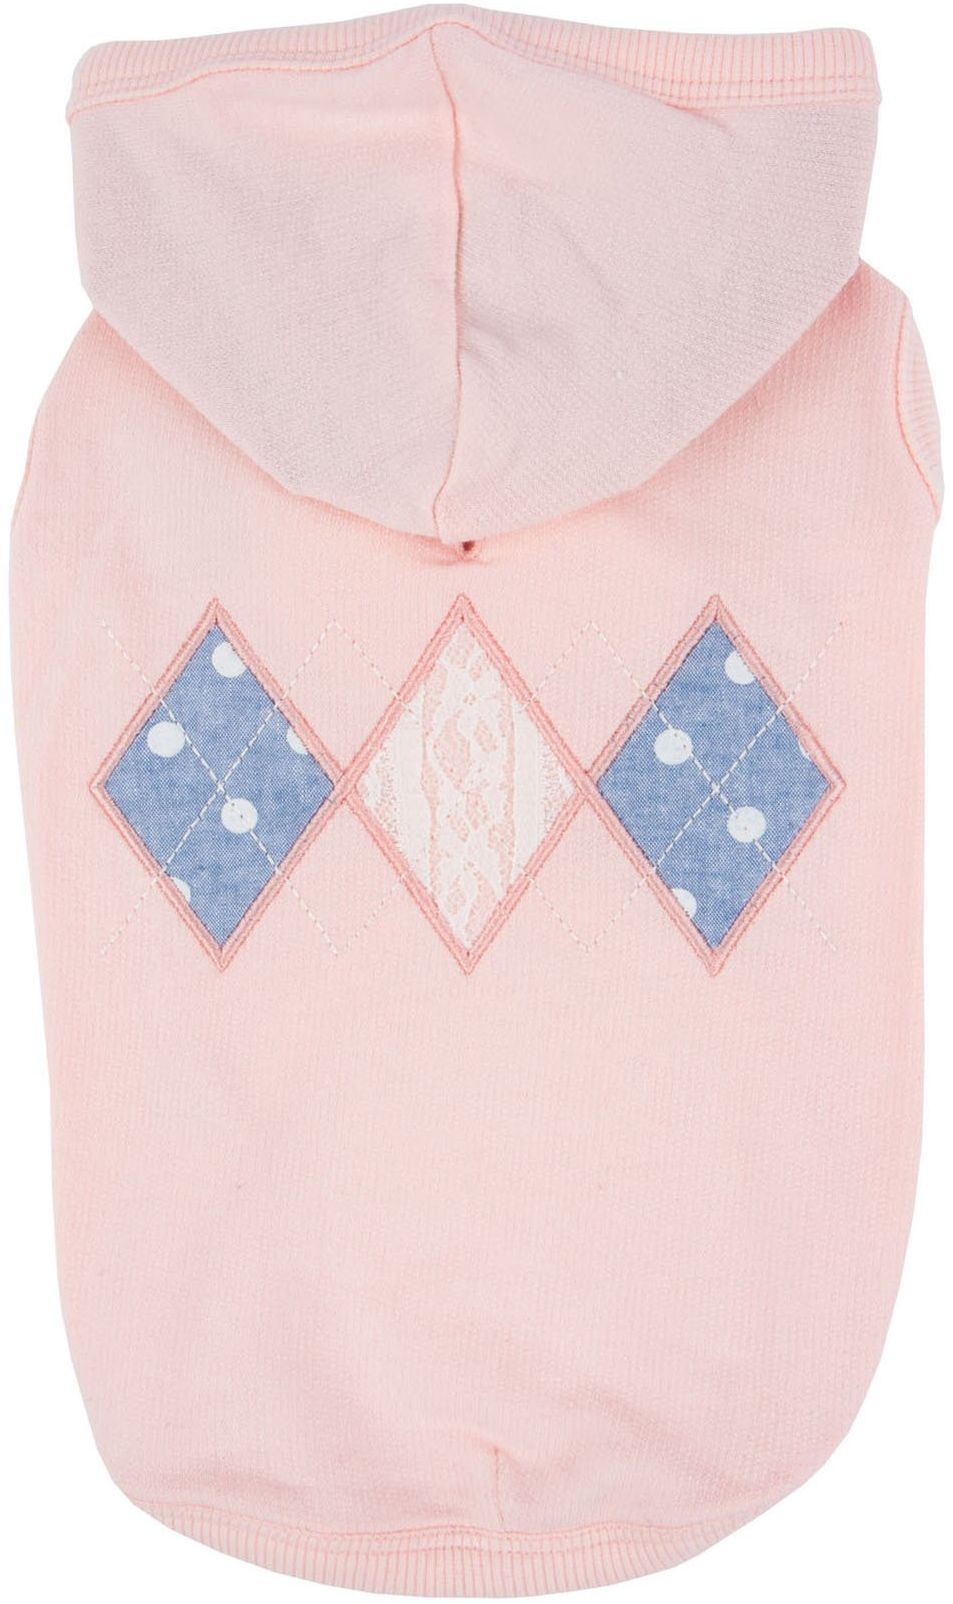 Pinkaholic New York NARA-TS7309-IP-XL indyjskie różowe łapacze bluzy z kapturem dla zwierząt domowych, XL